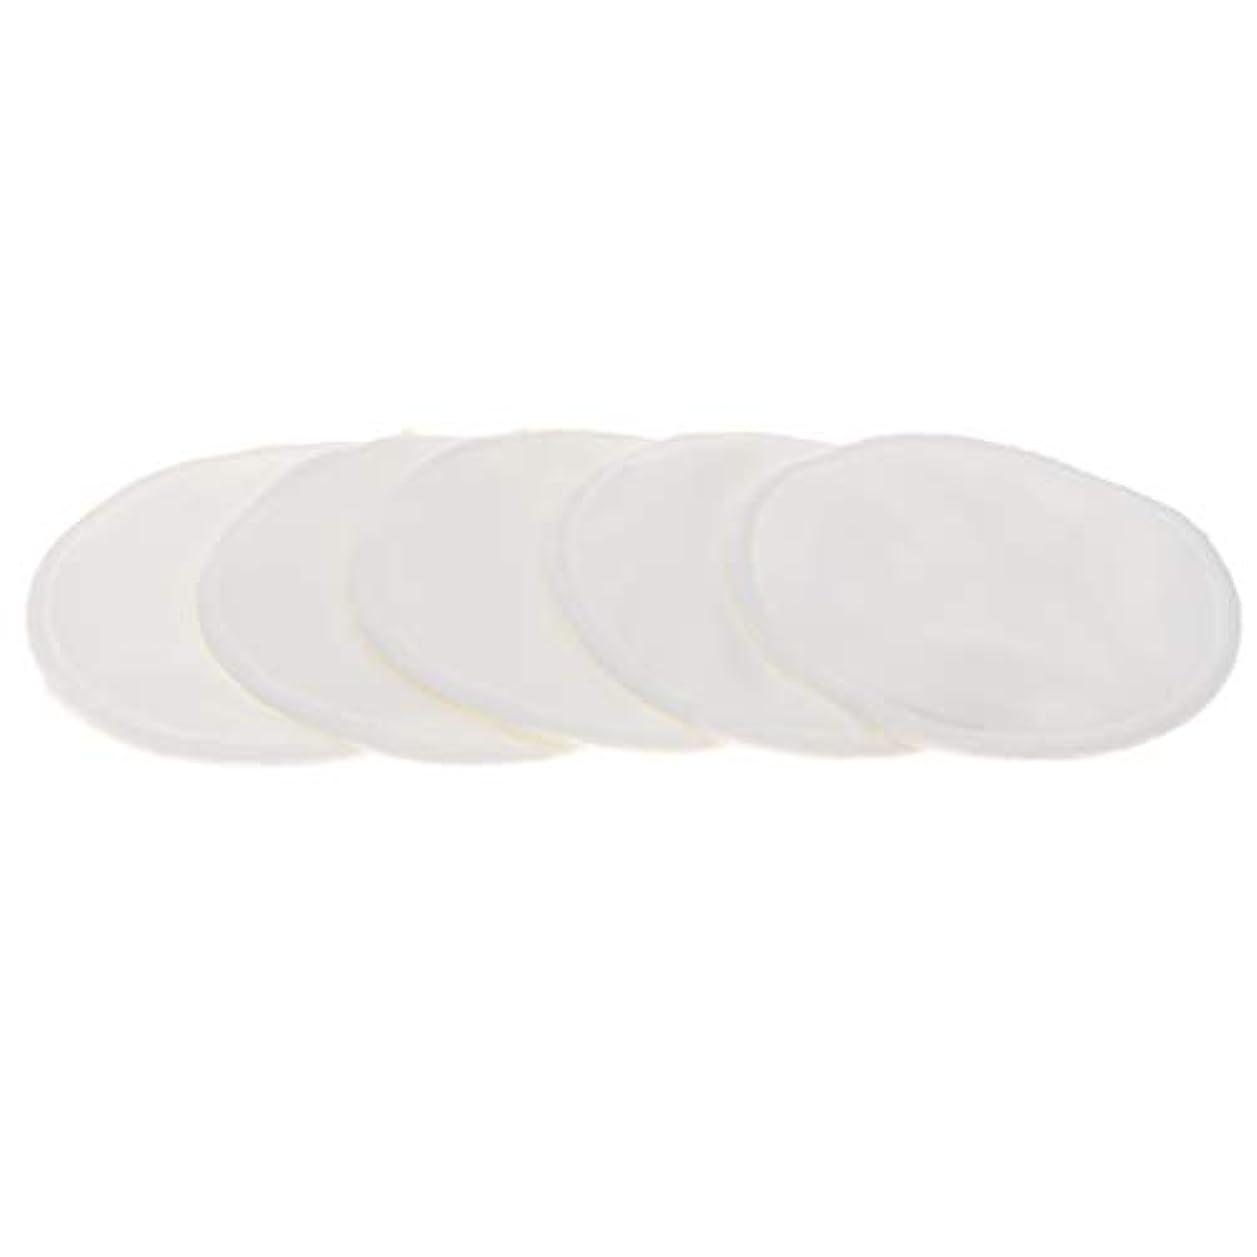 パーセント石炭悲しい胸パッド クレンジングシート メイク落とし用 竹繊維 円形 12cm 吸収性 再使用可能 5個 全5色 - 白